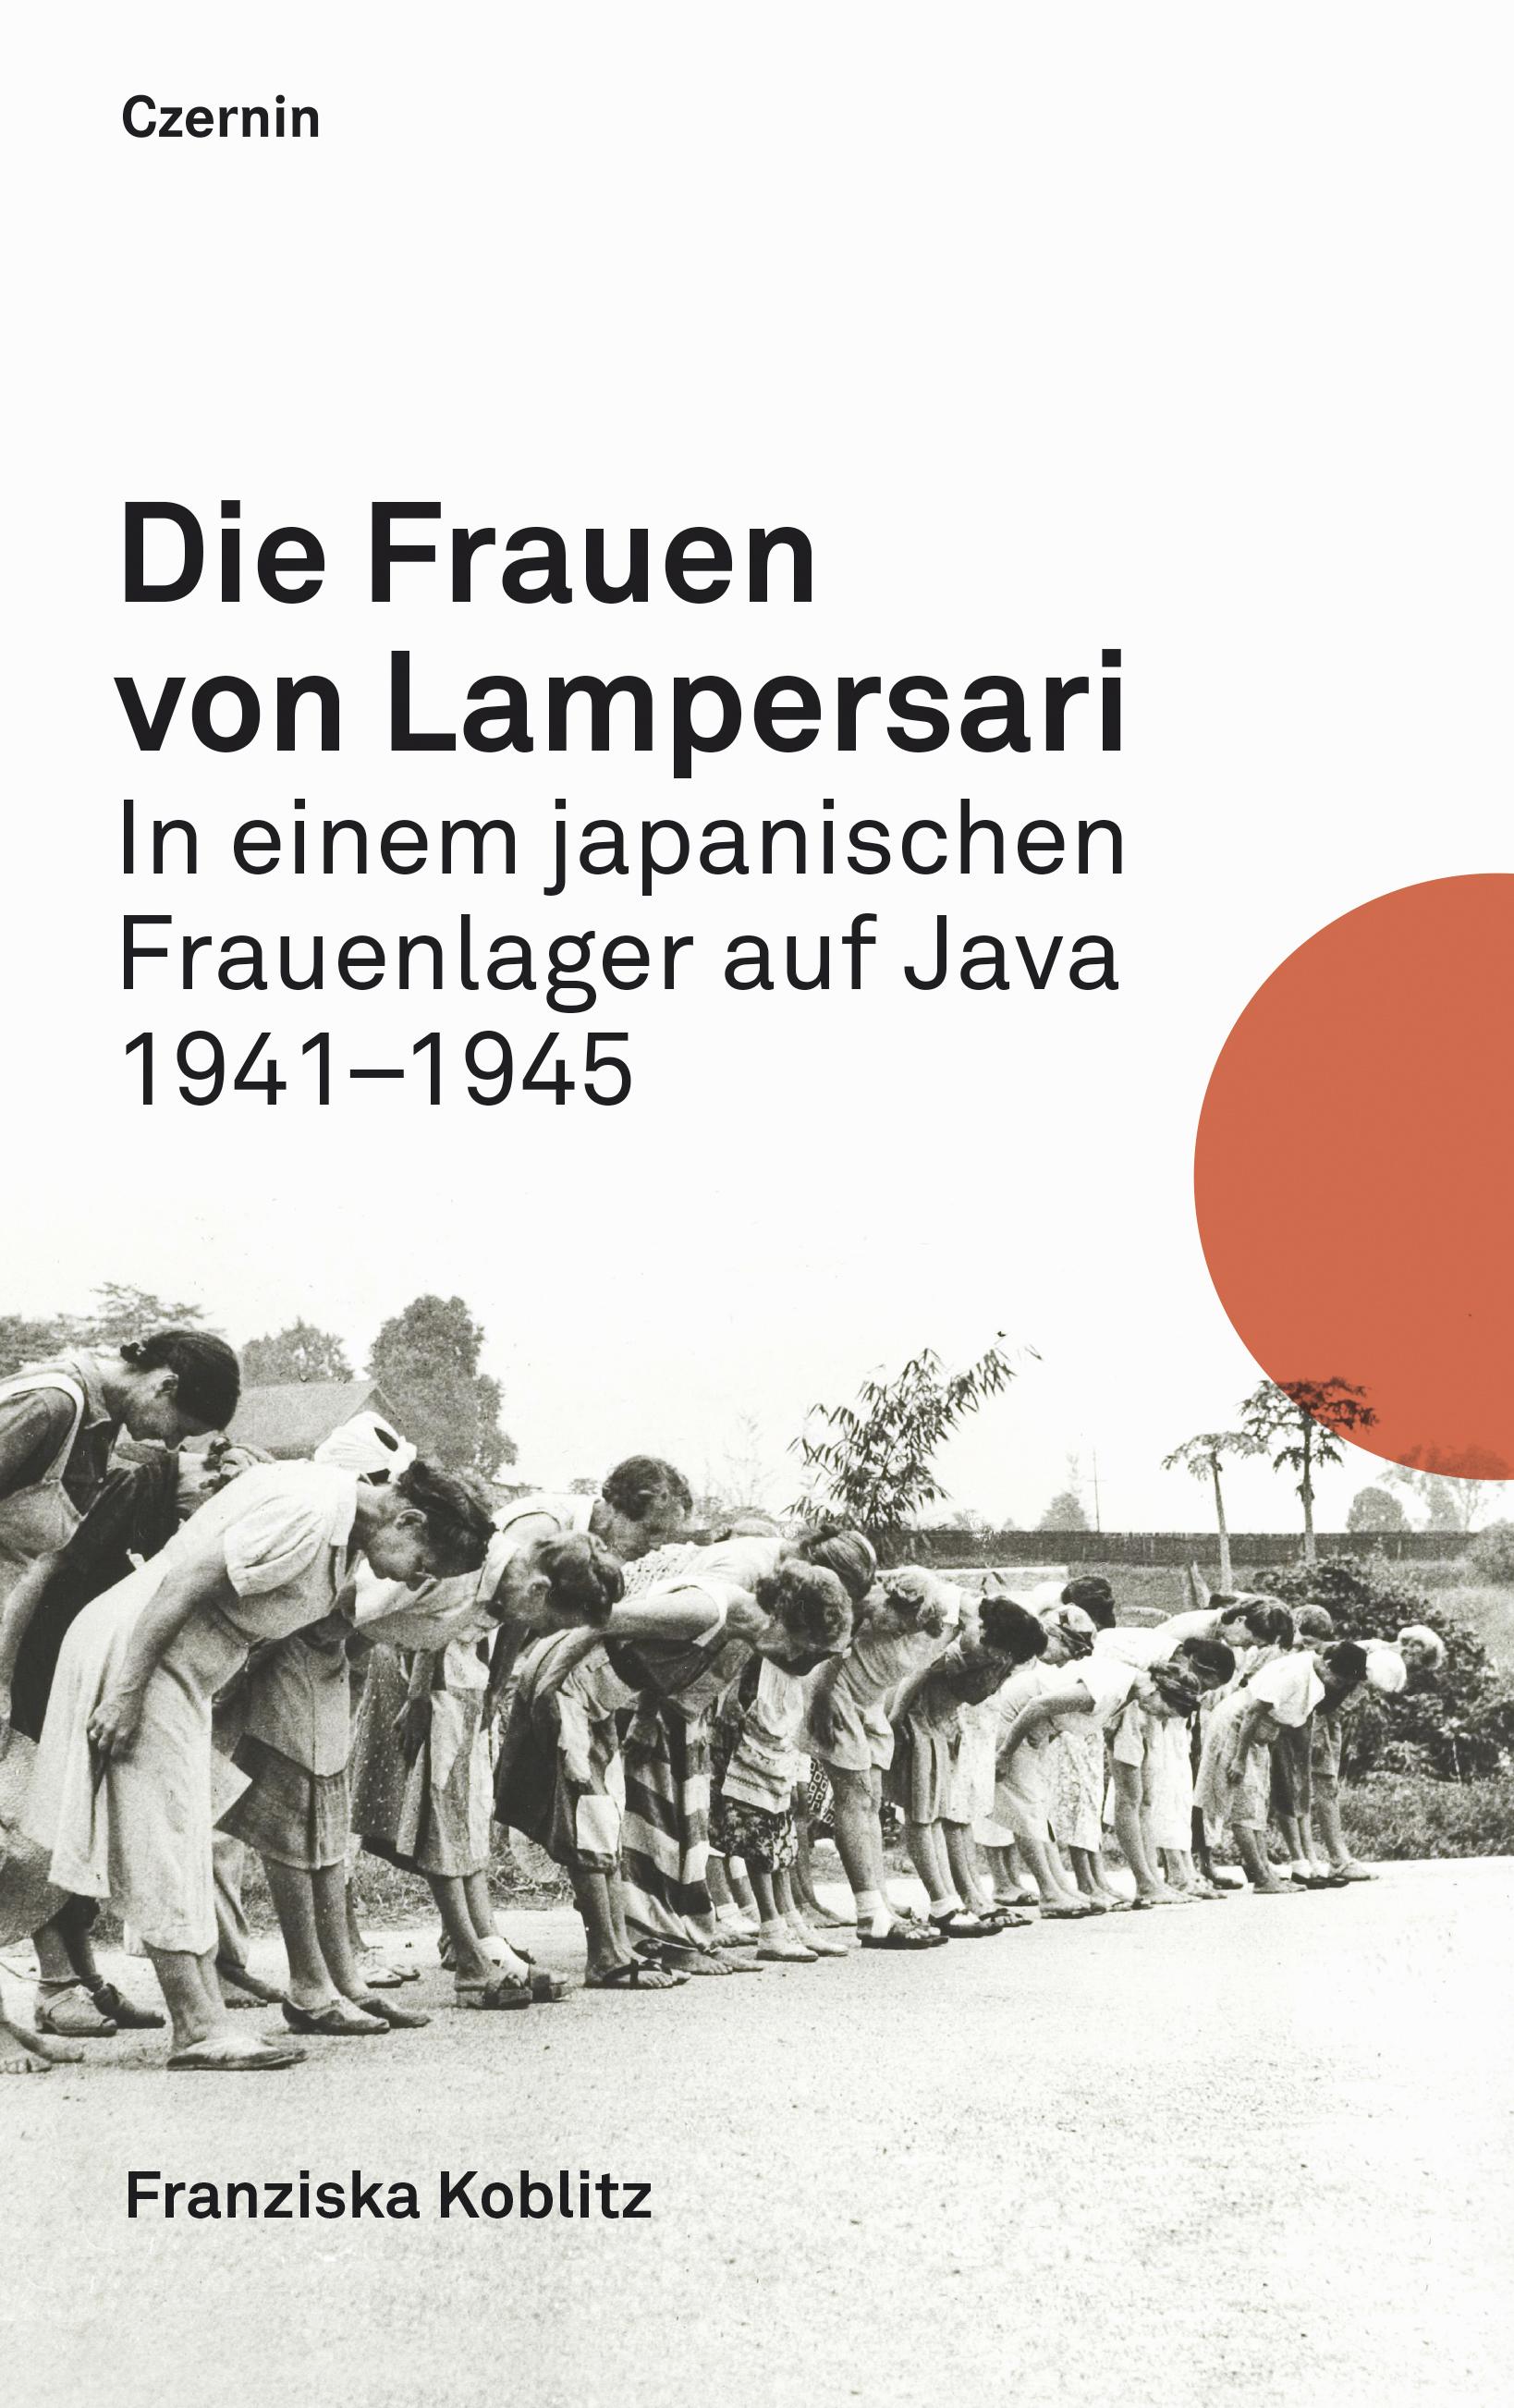 Franziska Koblitz Die Frauen von Lampersari